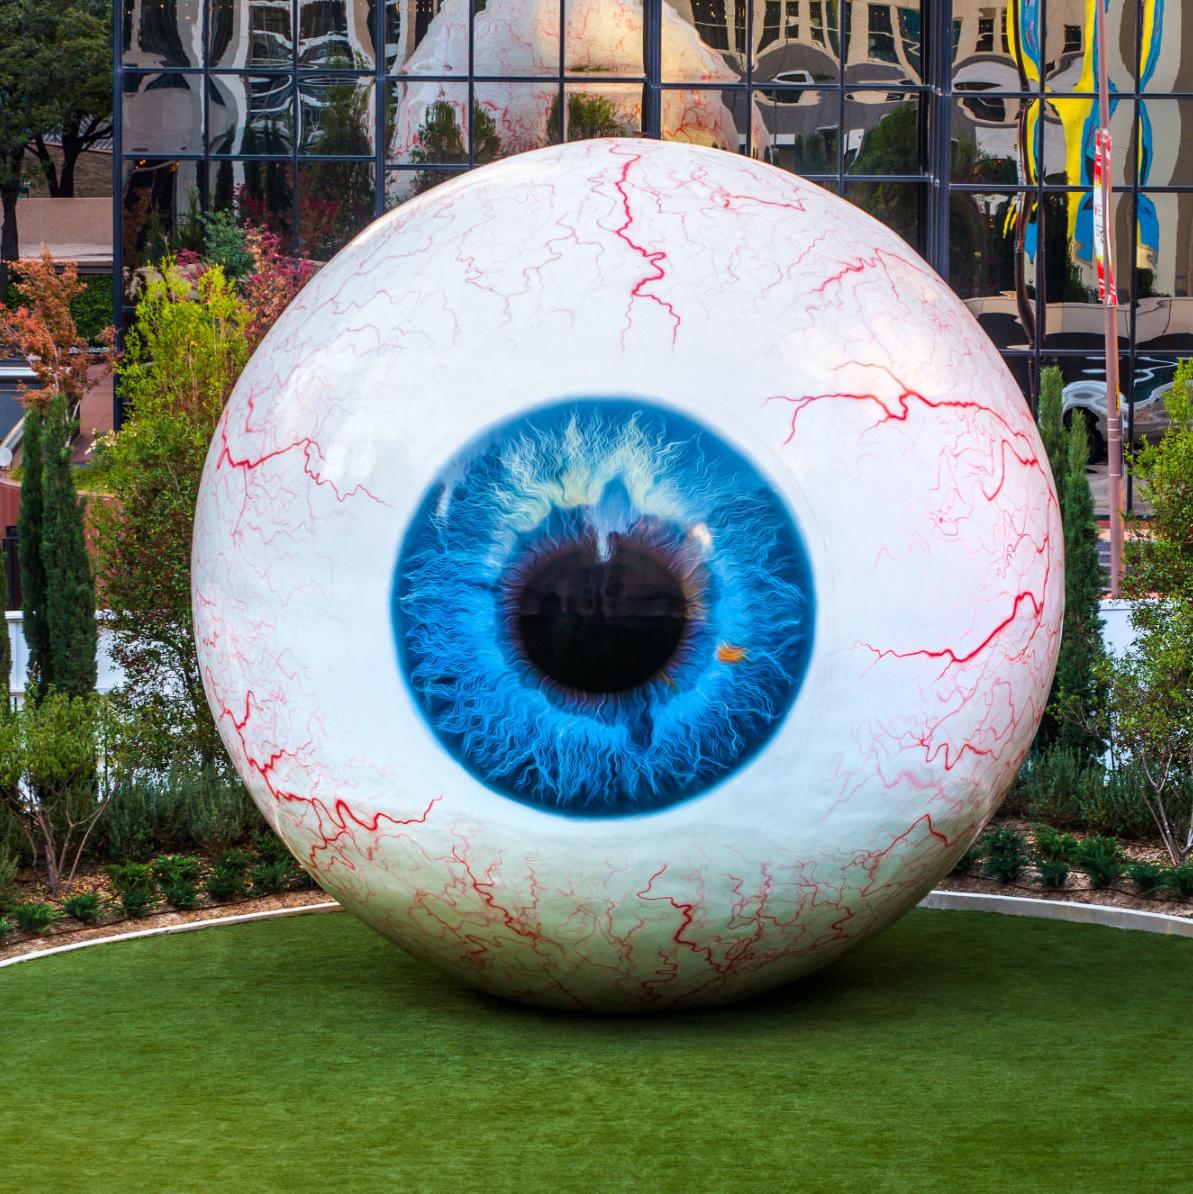 Eye by Tony Tasset